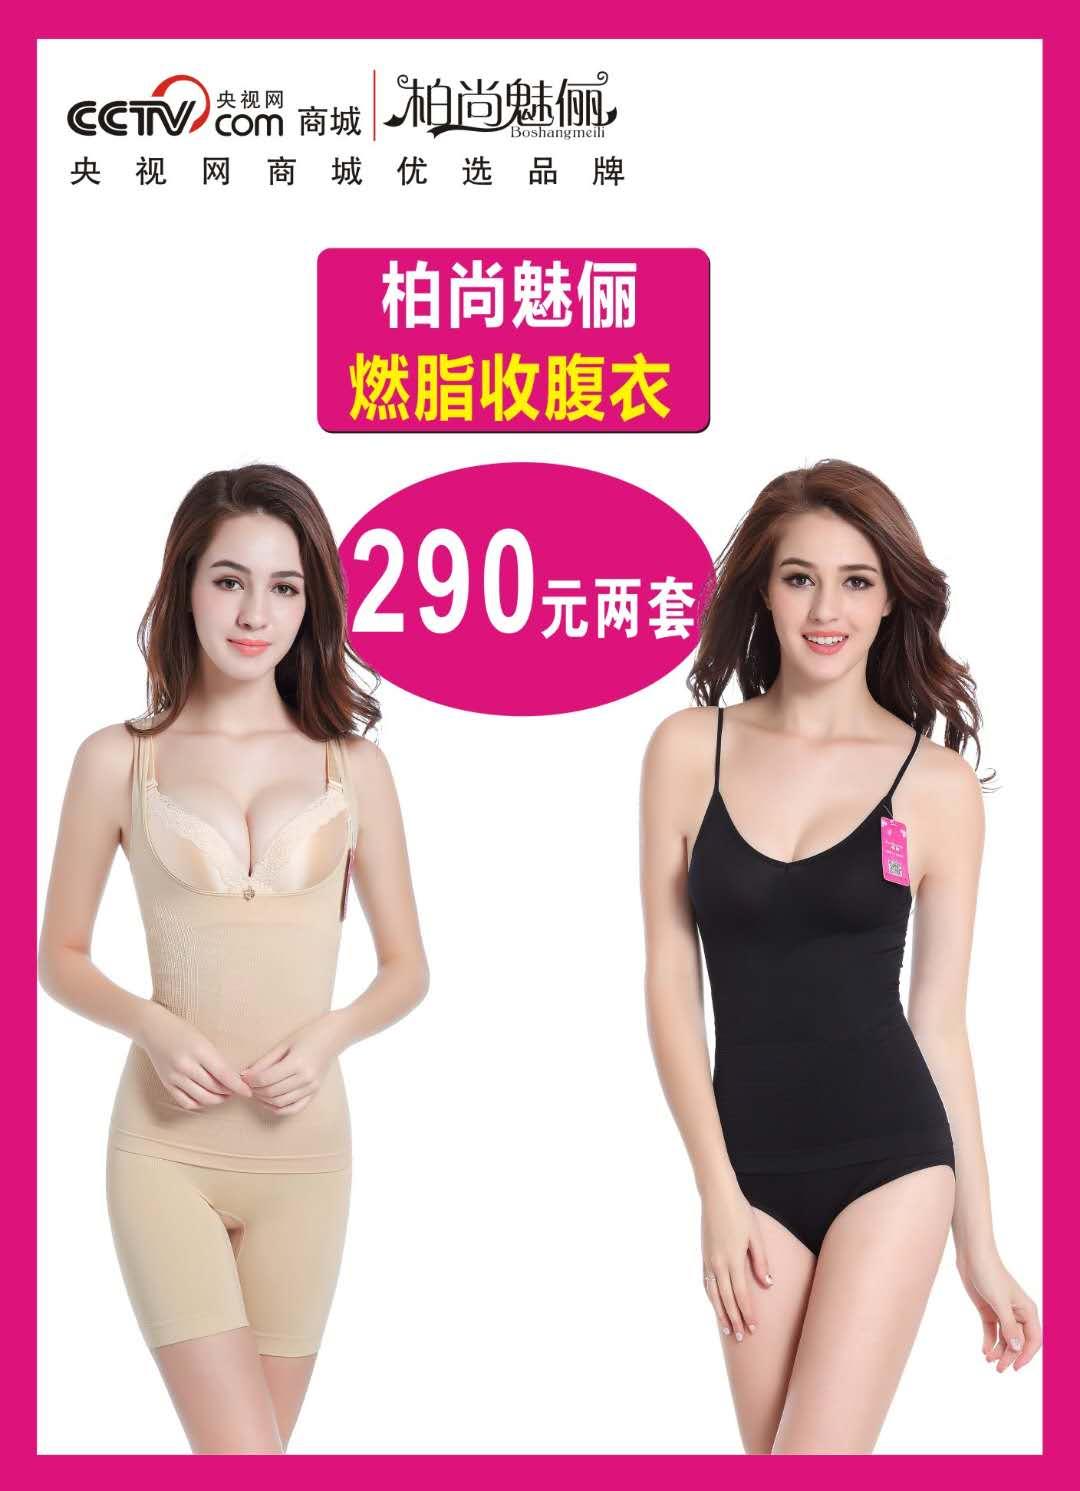 瘦身衣两套组合价格更优惠